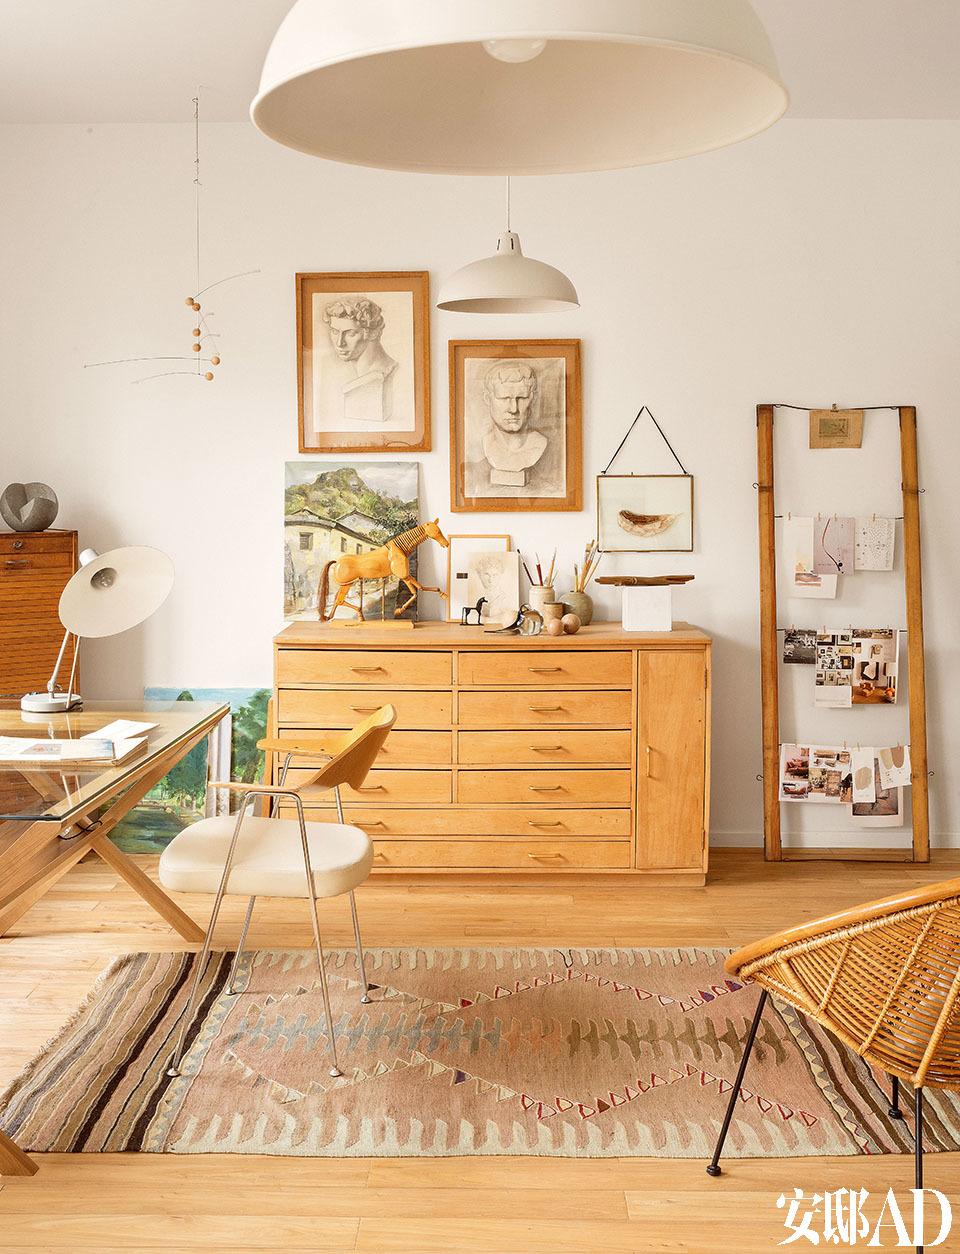 """家里的大部分家具及饰品,全部来自欧洲各地的古董市场、设计师店,或者古董拍卖会,绝对是名符其实的""""海淘""""工程。家中的画室,左侧的玻璃面写字桌为Grey品牌;桌上的白色台灯是中古产品,来自伦敦的Odyssey 20C;座椅是Robyn Day的重制品,来自Habitat。民族风的地毯来自专营复古地毯的公司Moroccan Kilim, 木质多抽屉储物柜也是来自英国的老物件,安装上了新的黄铜把手,一旁挂着很多照片的木框架来自一台老的织布机,购于古董集市。"""